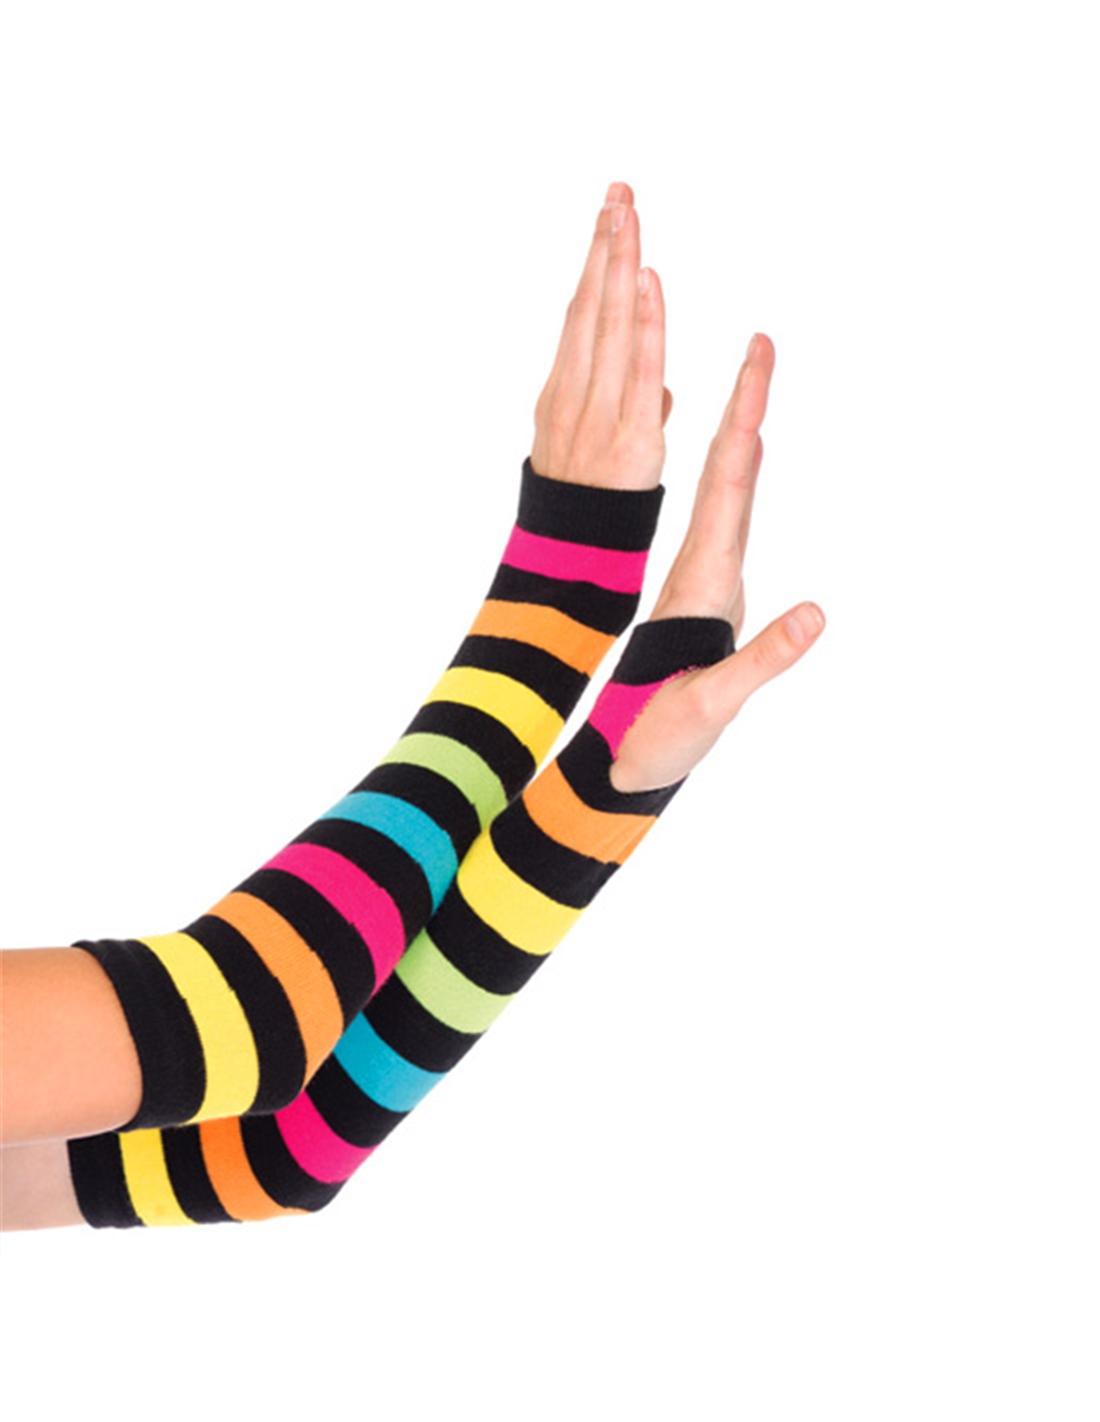 Luvas Aquecedor de braços Neon - Único - PR2010314110